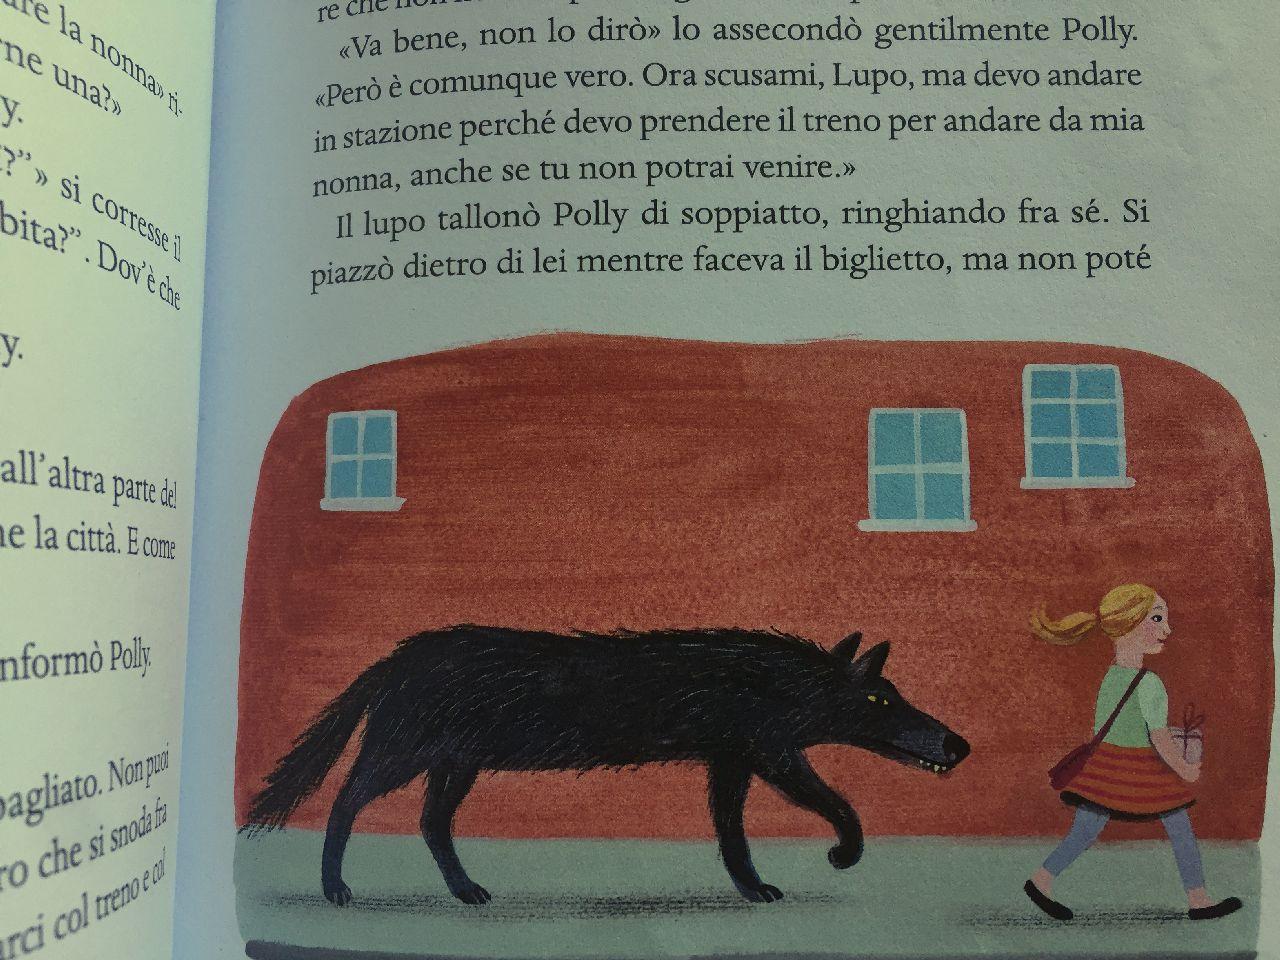 Catherine Storr - Simona Mulazzani, Polly e il lupo tontolone, Mondadori